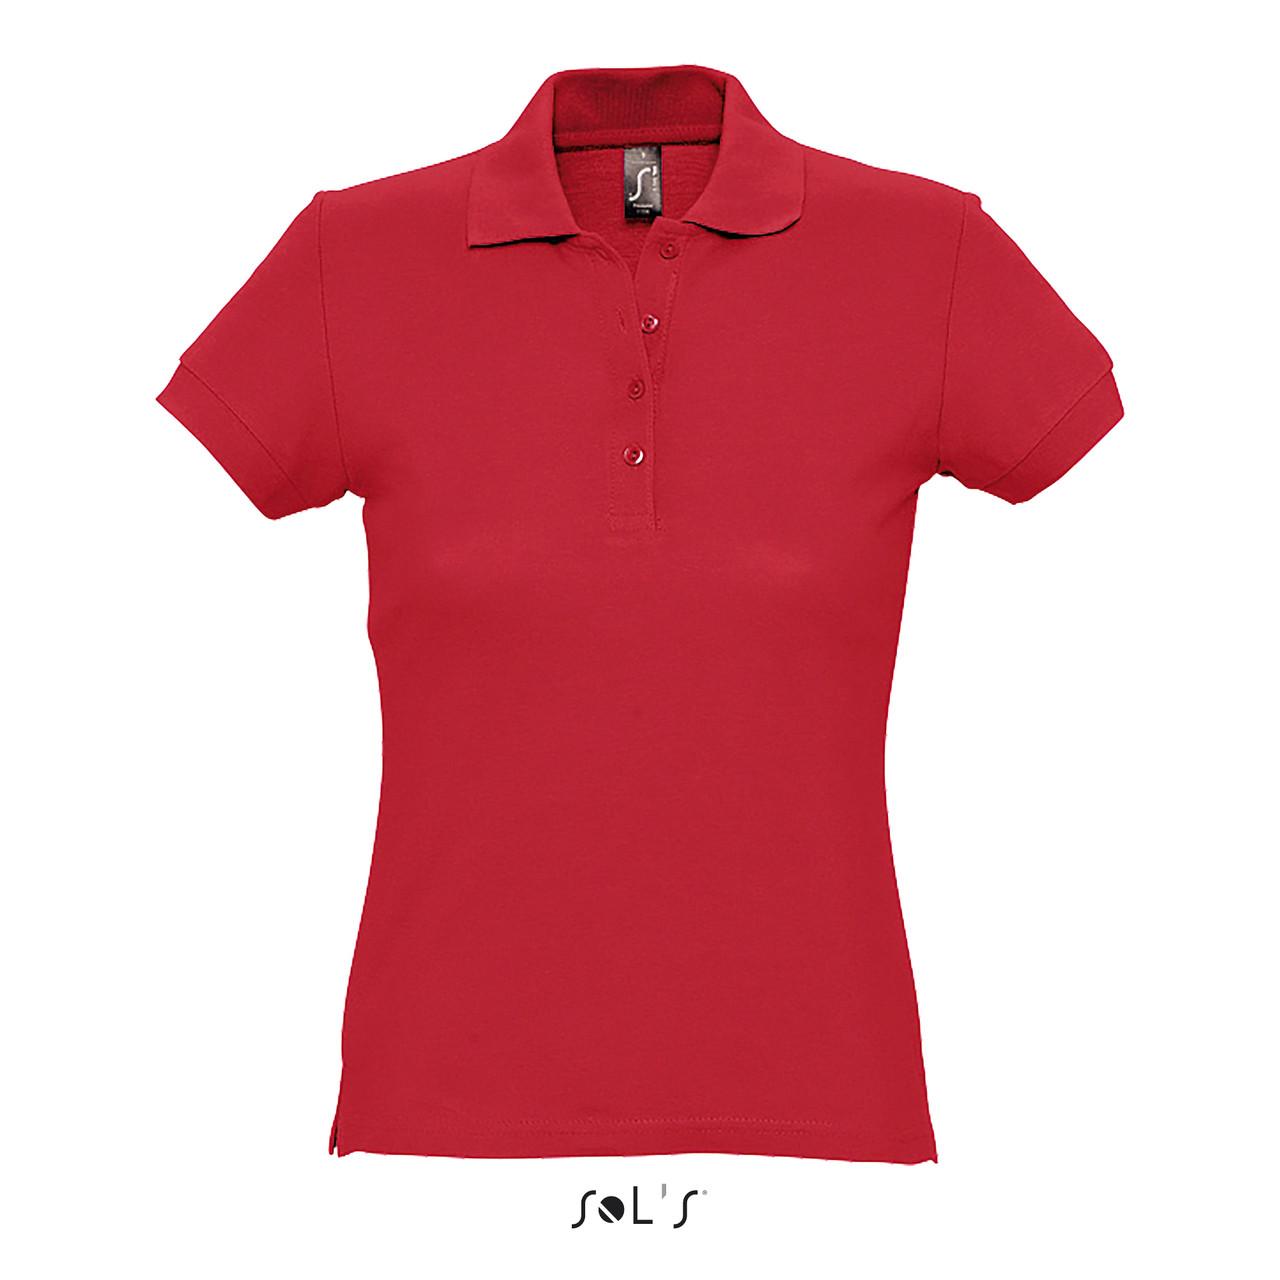 Рубашка Поло женская Sols Passion XL, Красная